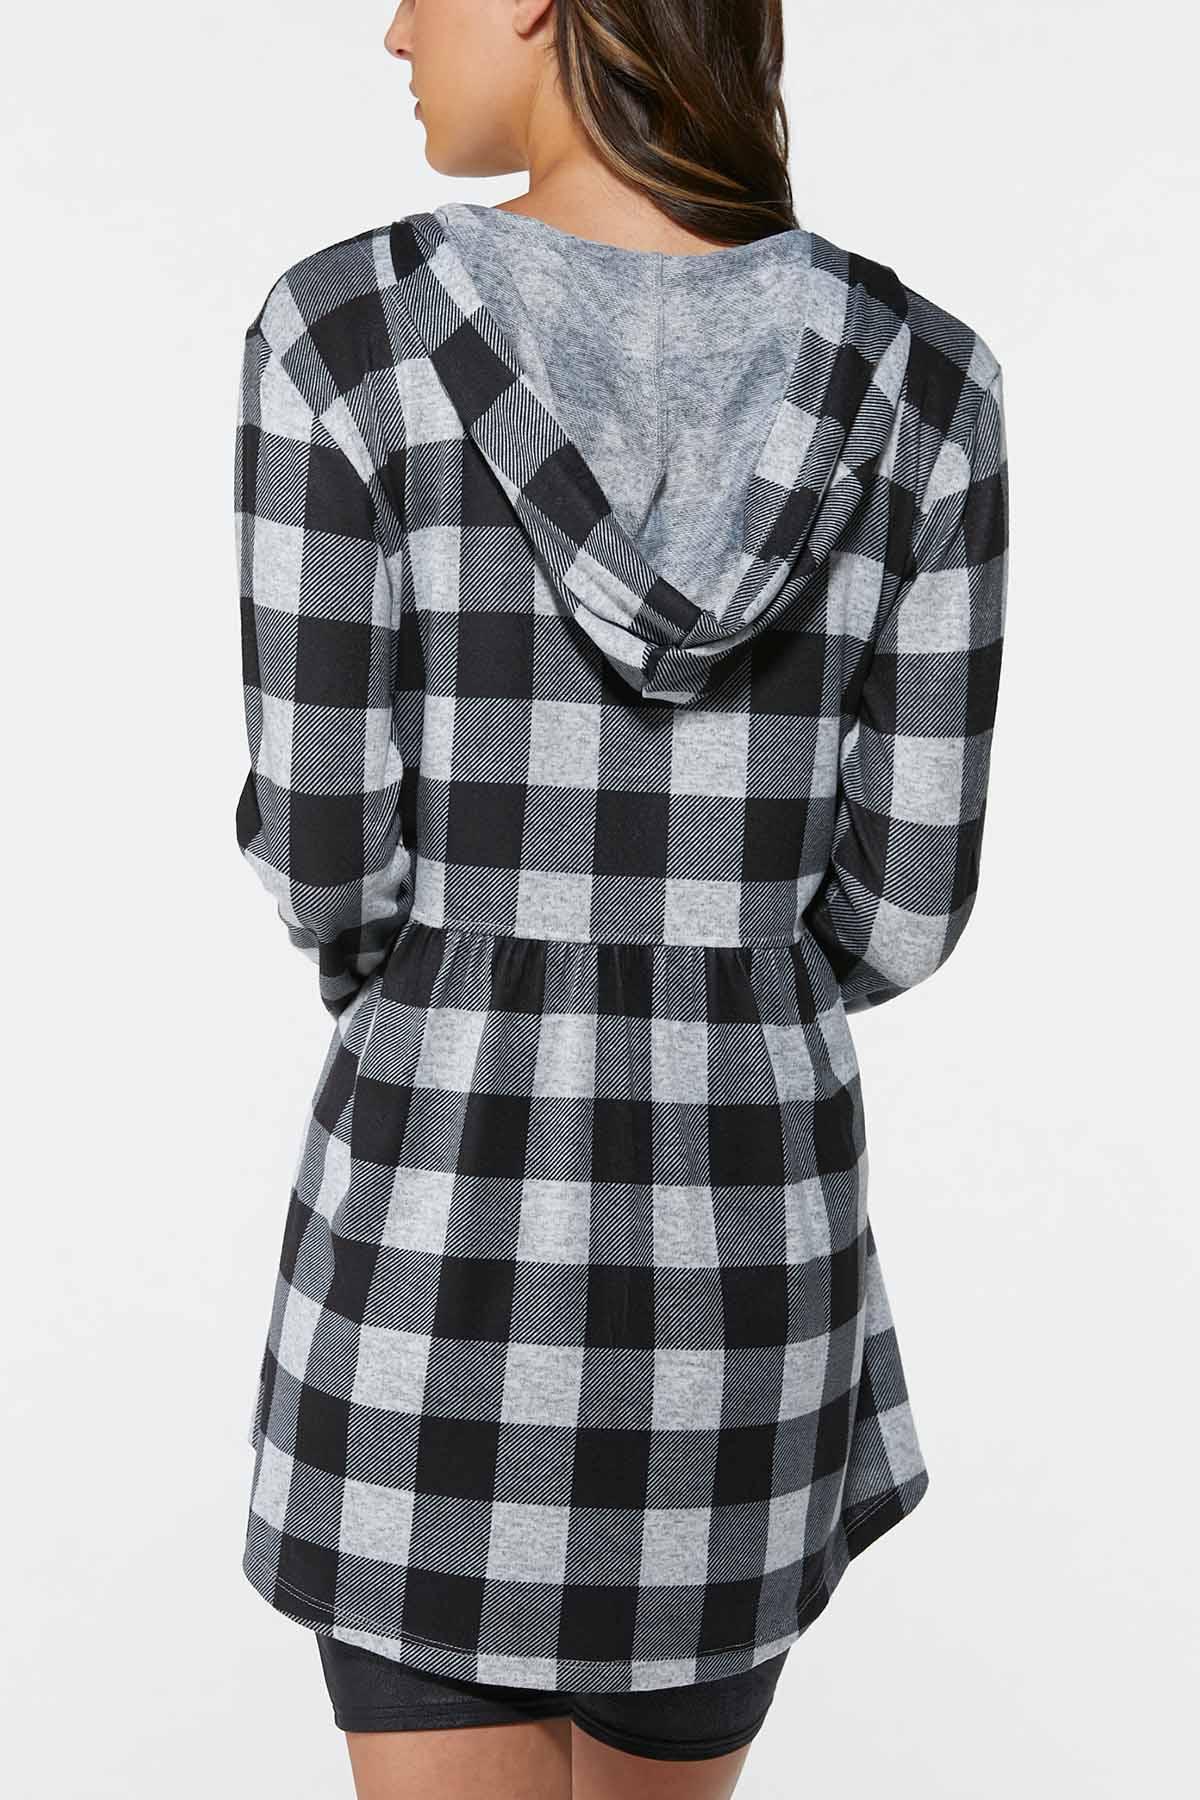 Hooded Plaid Shirt (Item #44717349)